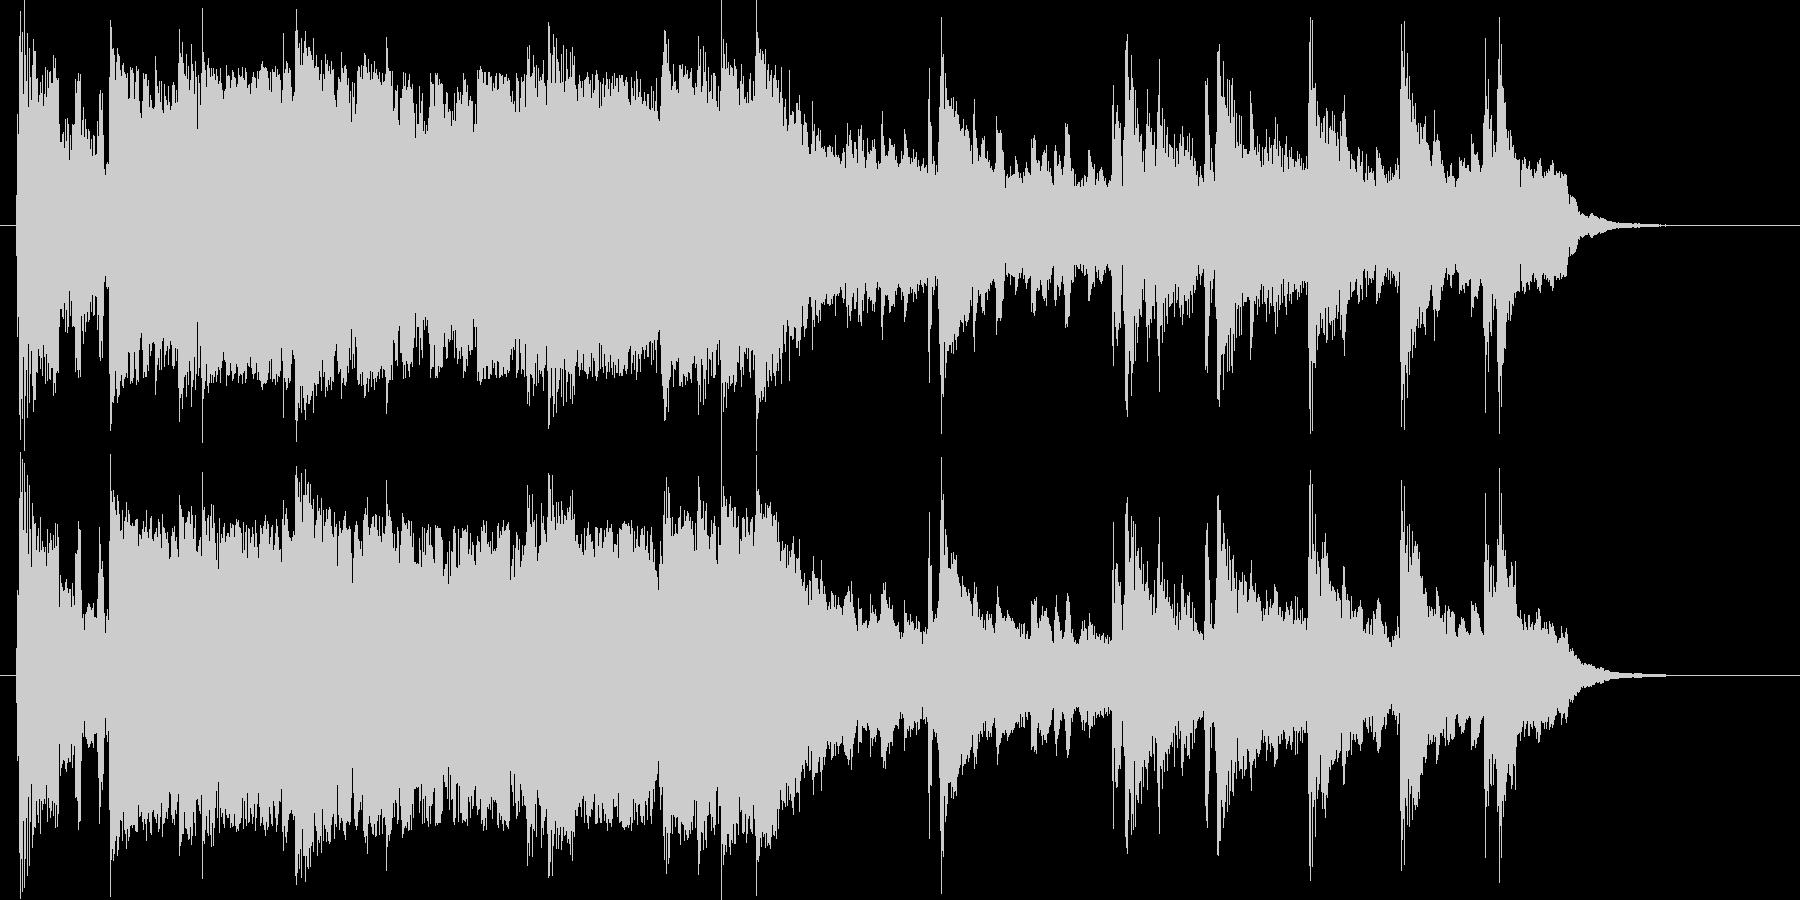 広がりのある優しいシンセサイザーの曲の未再生の波形